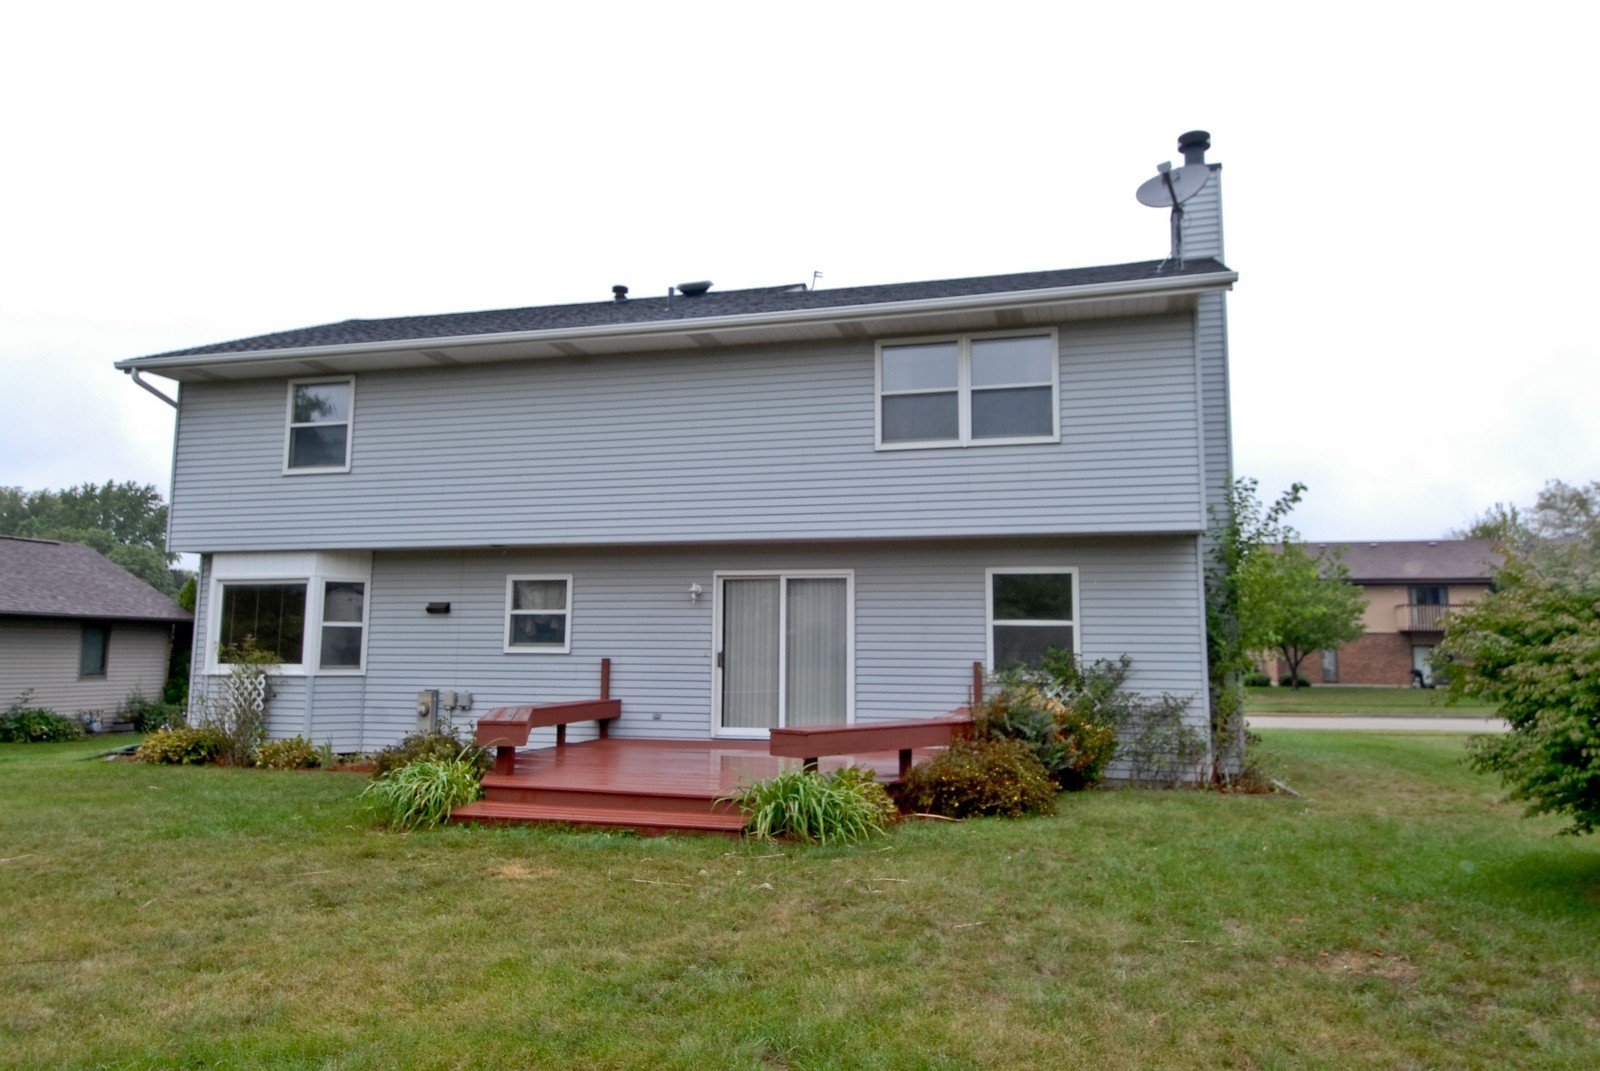 Real Estate Photography - 210 Pardridge Pl, Dekalb, IL, 60115 - Rear View